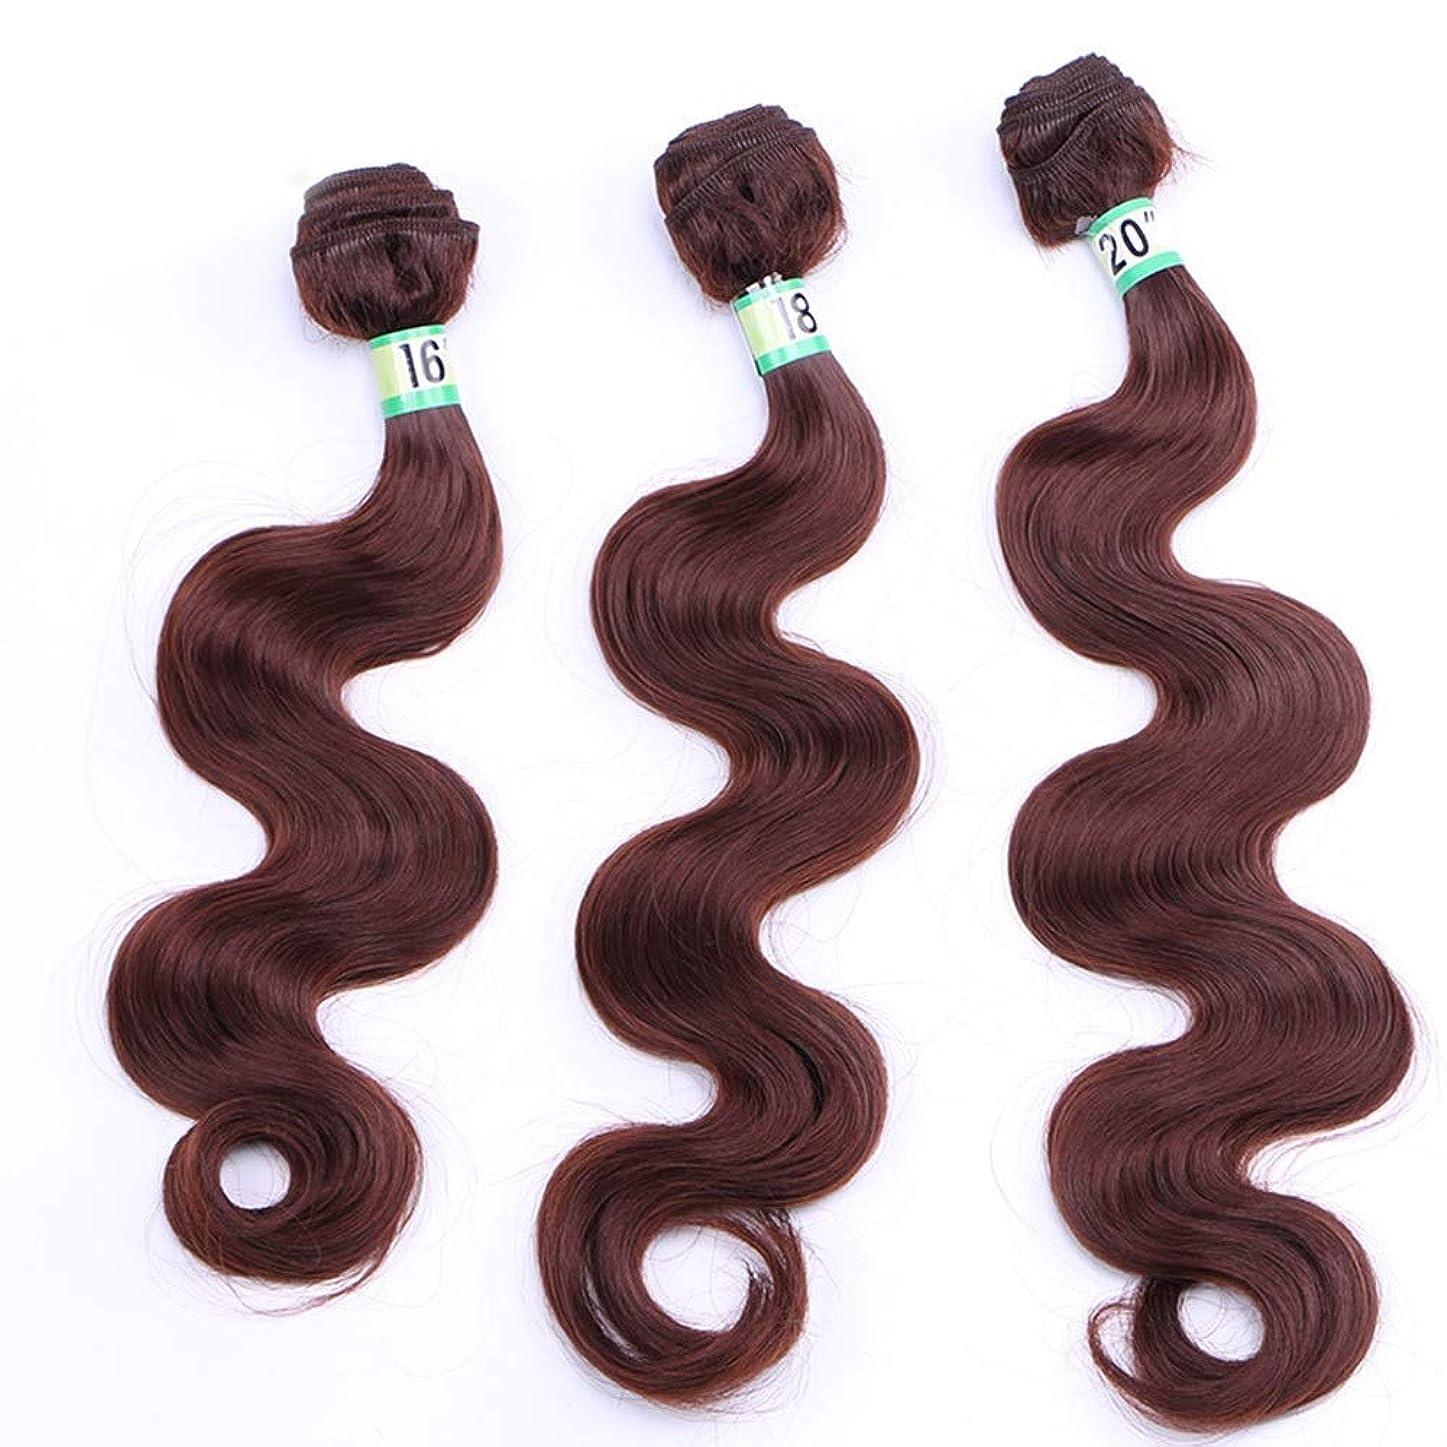 静かなセンチメートル忠実なYrattary ブラジルの髪絹のような長い実体波3バンドル - 33#茶色の髪の拡張子織り女性合成髪レースかつらロールプレイングかつら長くて短い女性自然 (色 : ブラウン, サイズ : 20